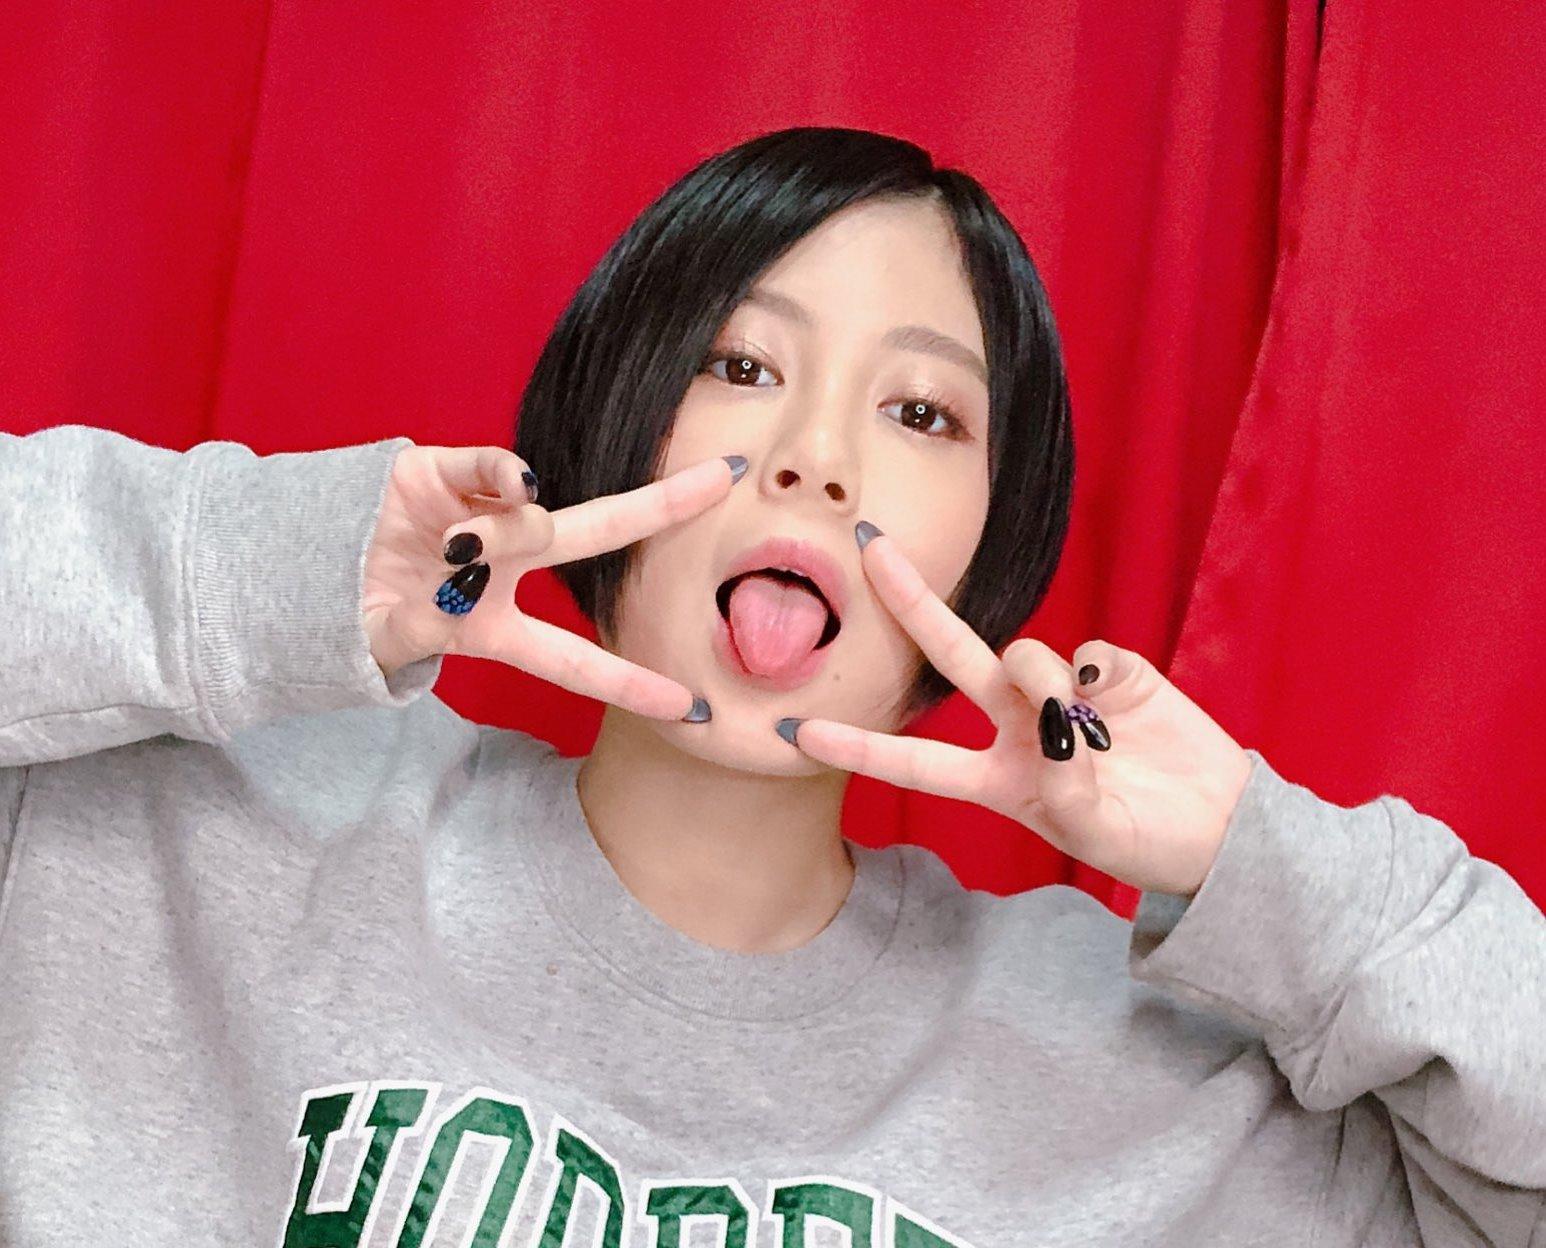 RaMuの汚舌まとめ (15)